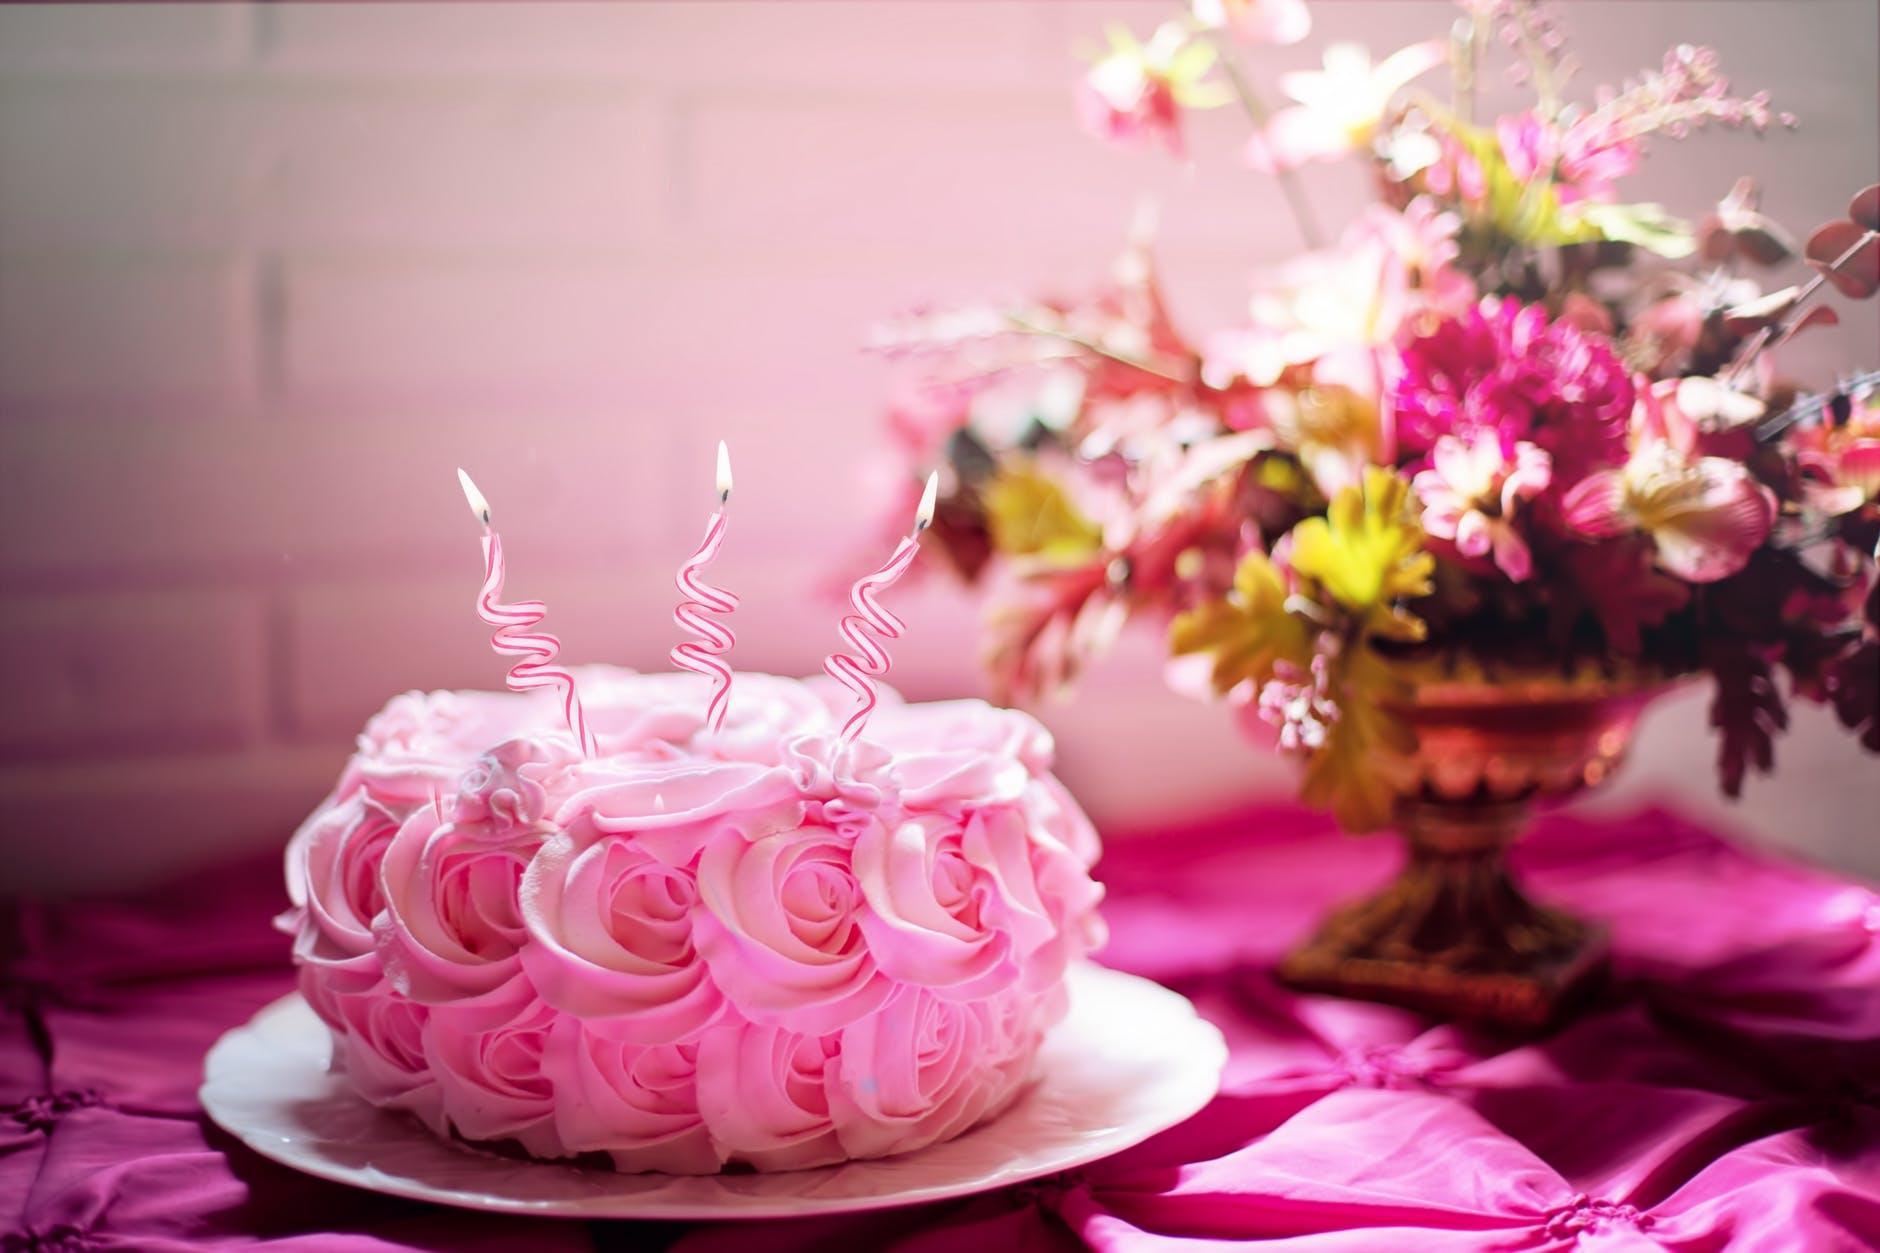 بالصور تورتة عيد ميلاد , اجمل اشكال التورت للاحتفال بعيد ميلادك